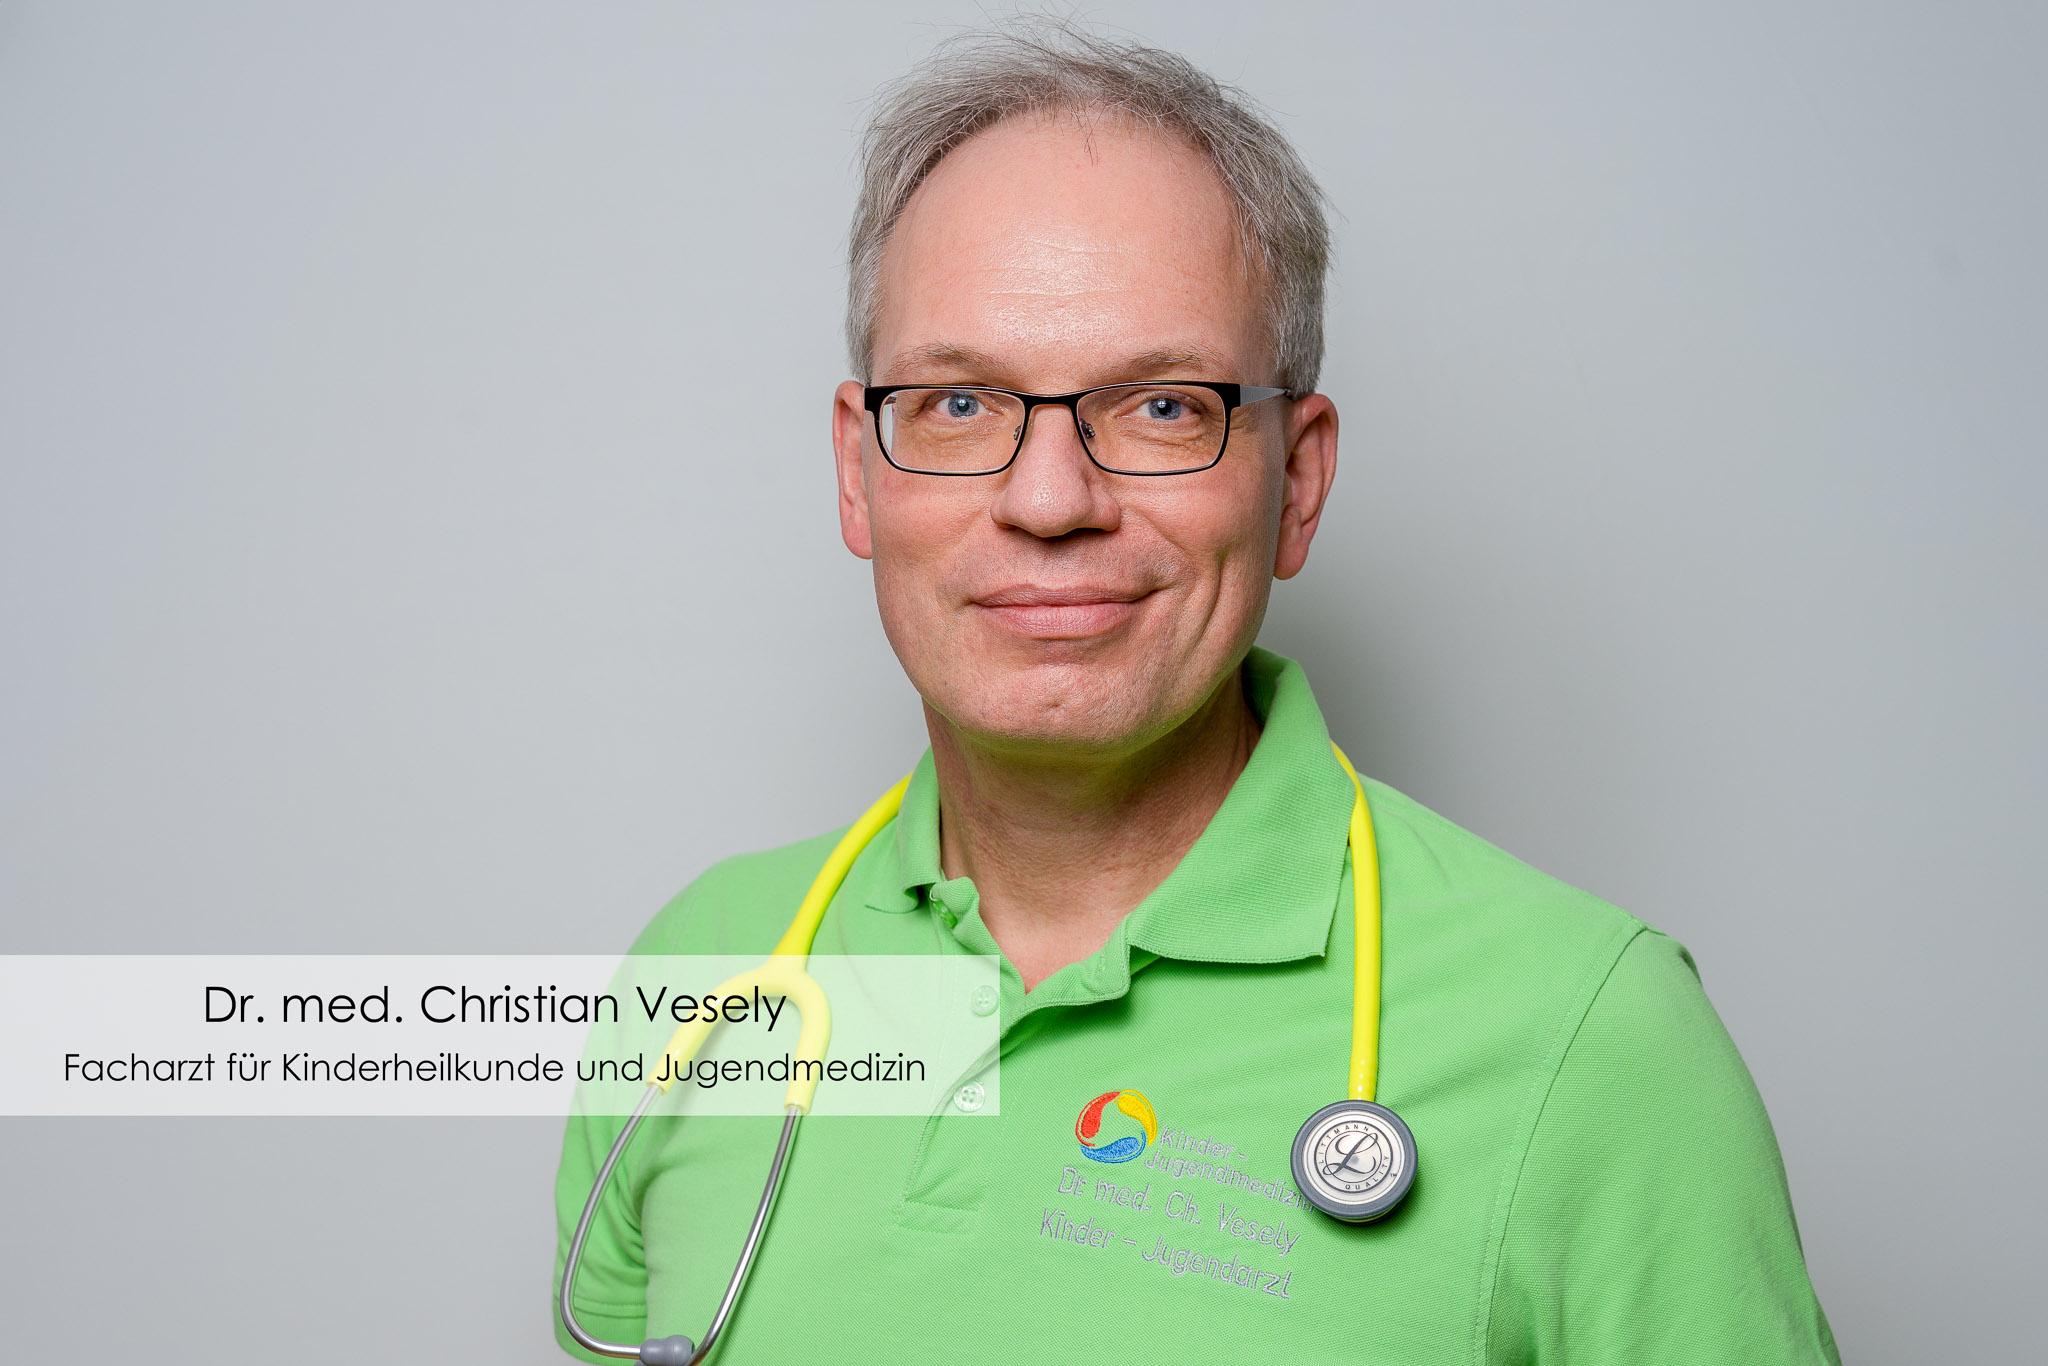 Dr. med. Christian Vesely